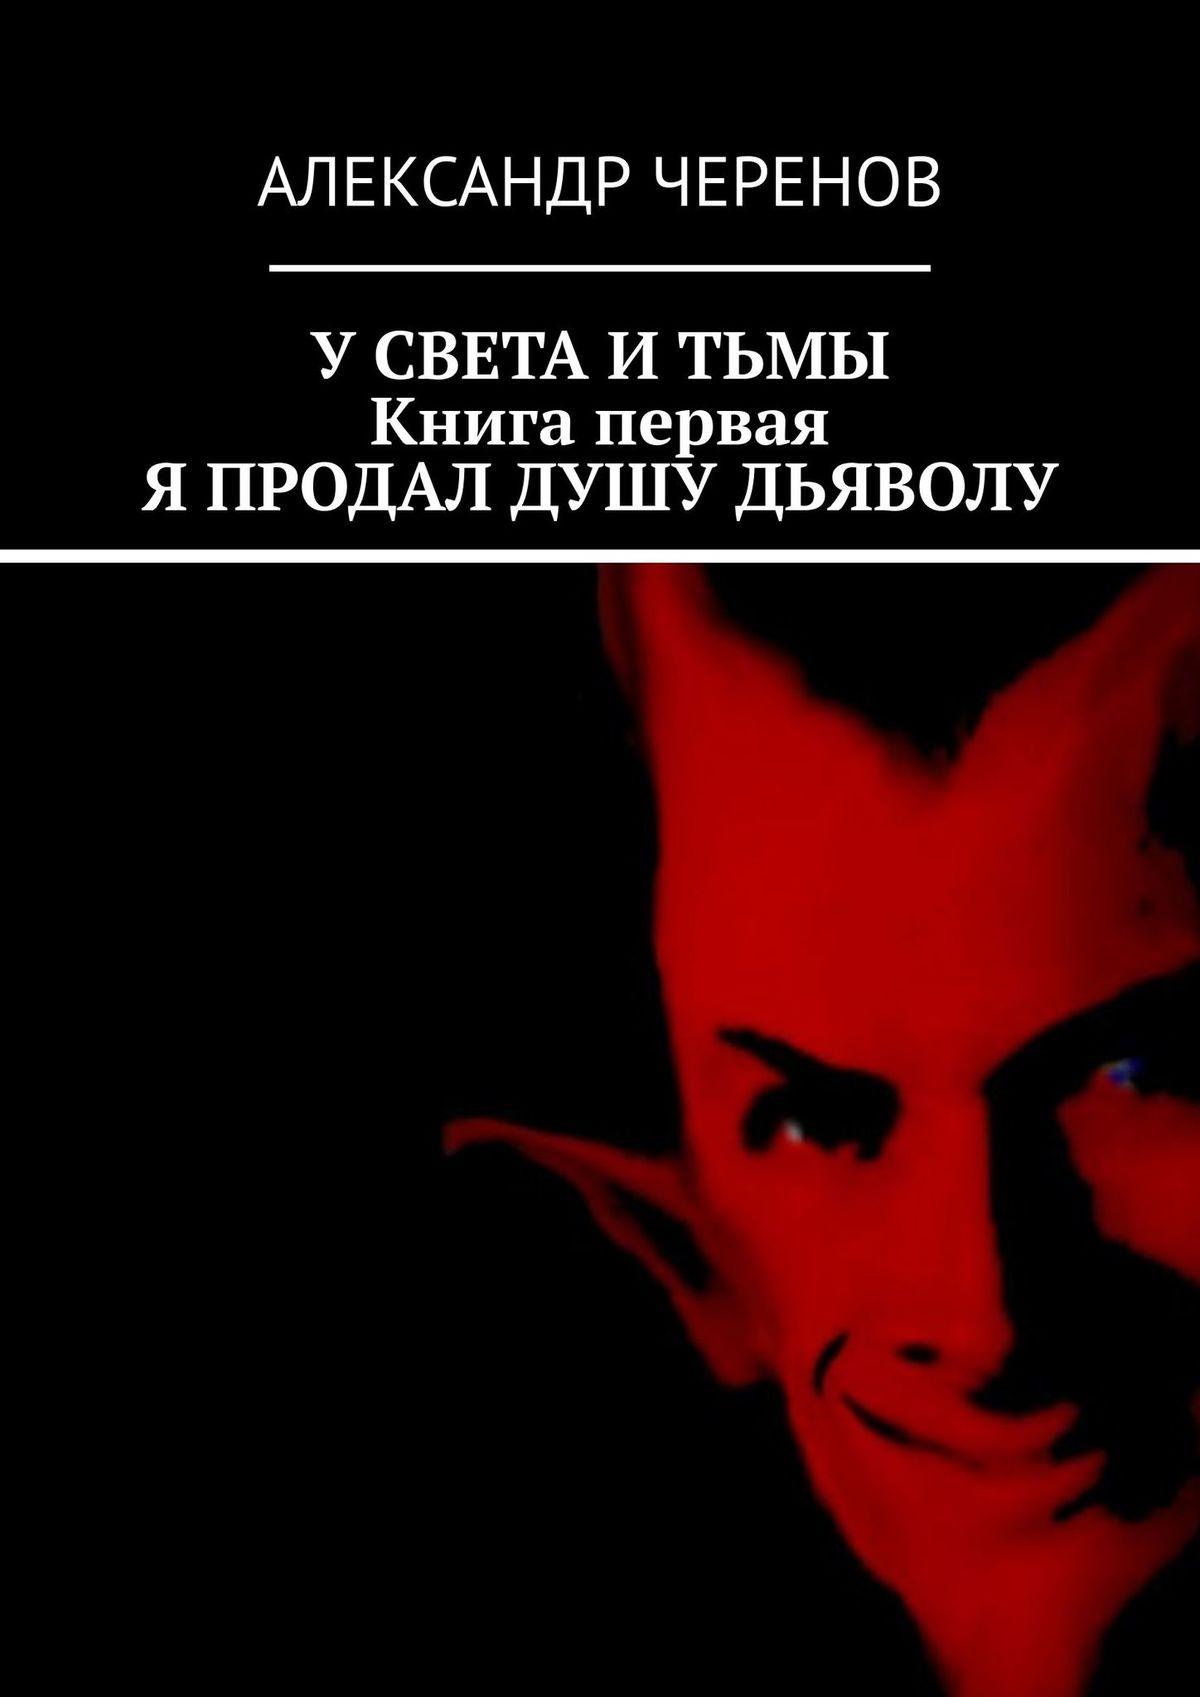 Александр Черенов УСвета иТьмы. Втрёх книгах. Книга первая. Я продал душу Дьяволу